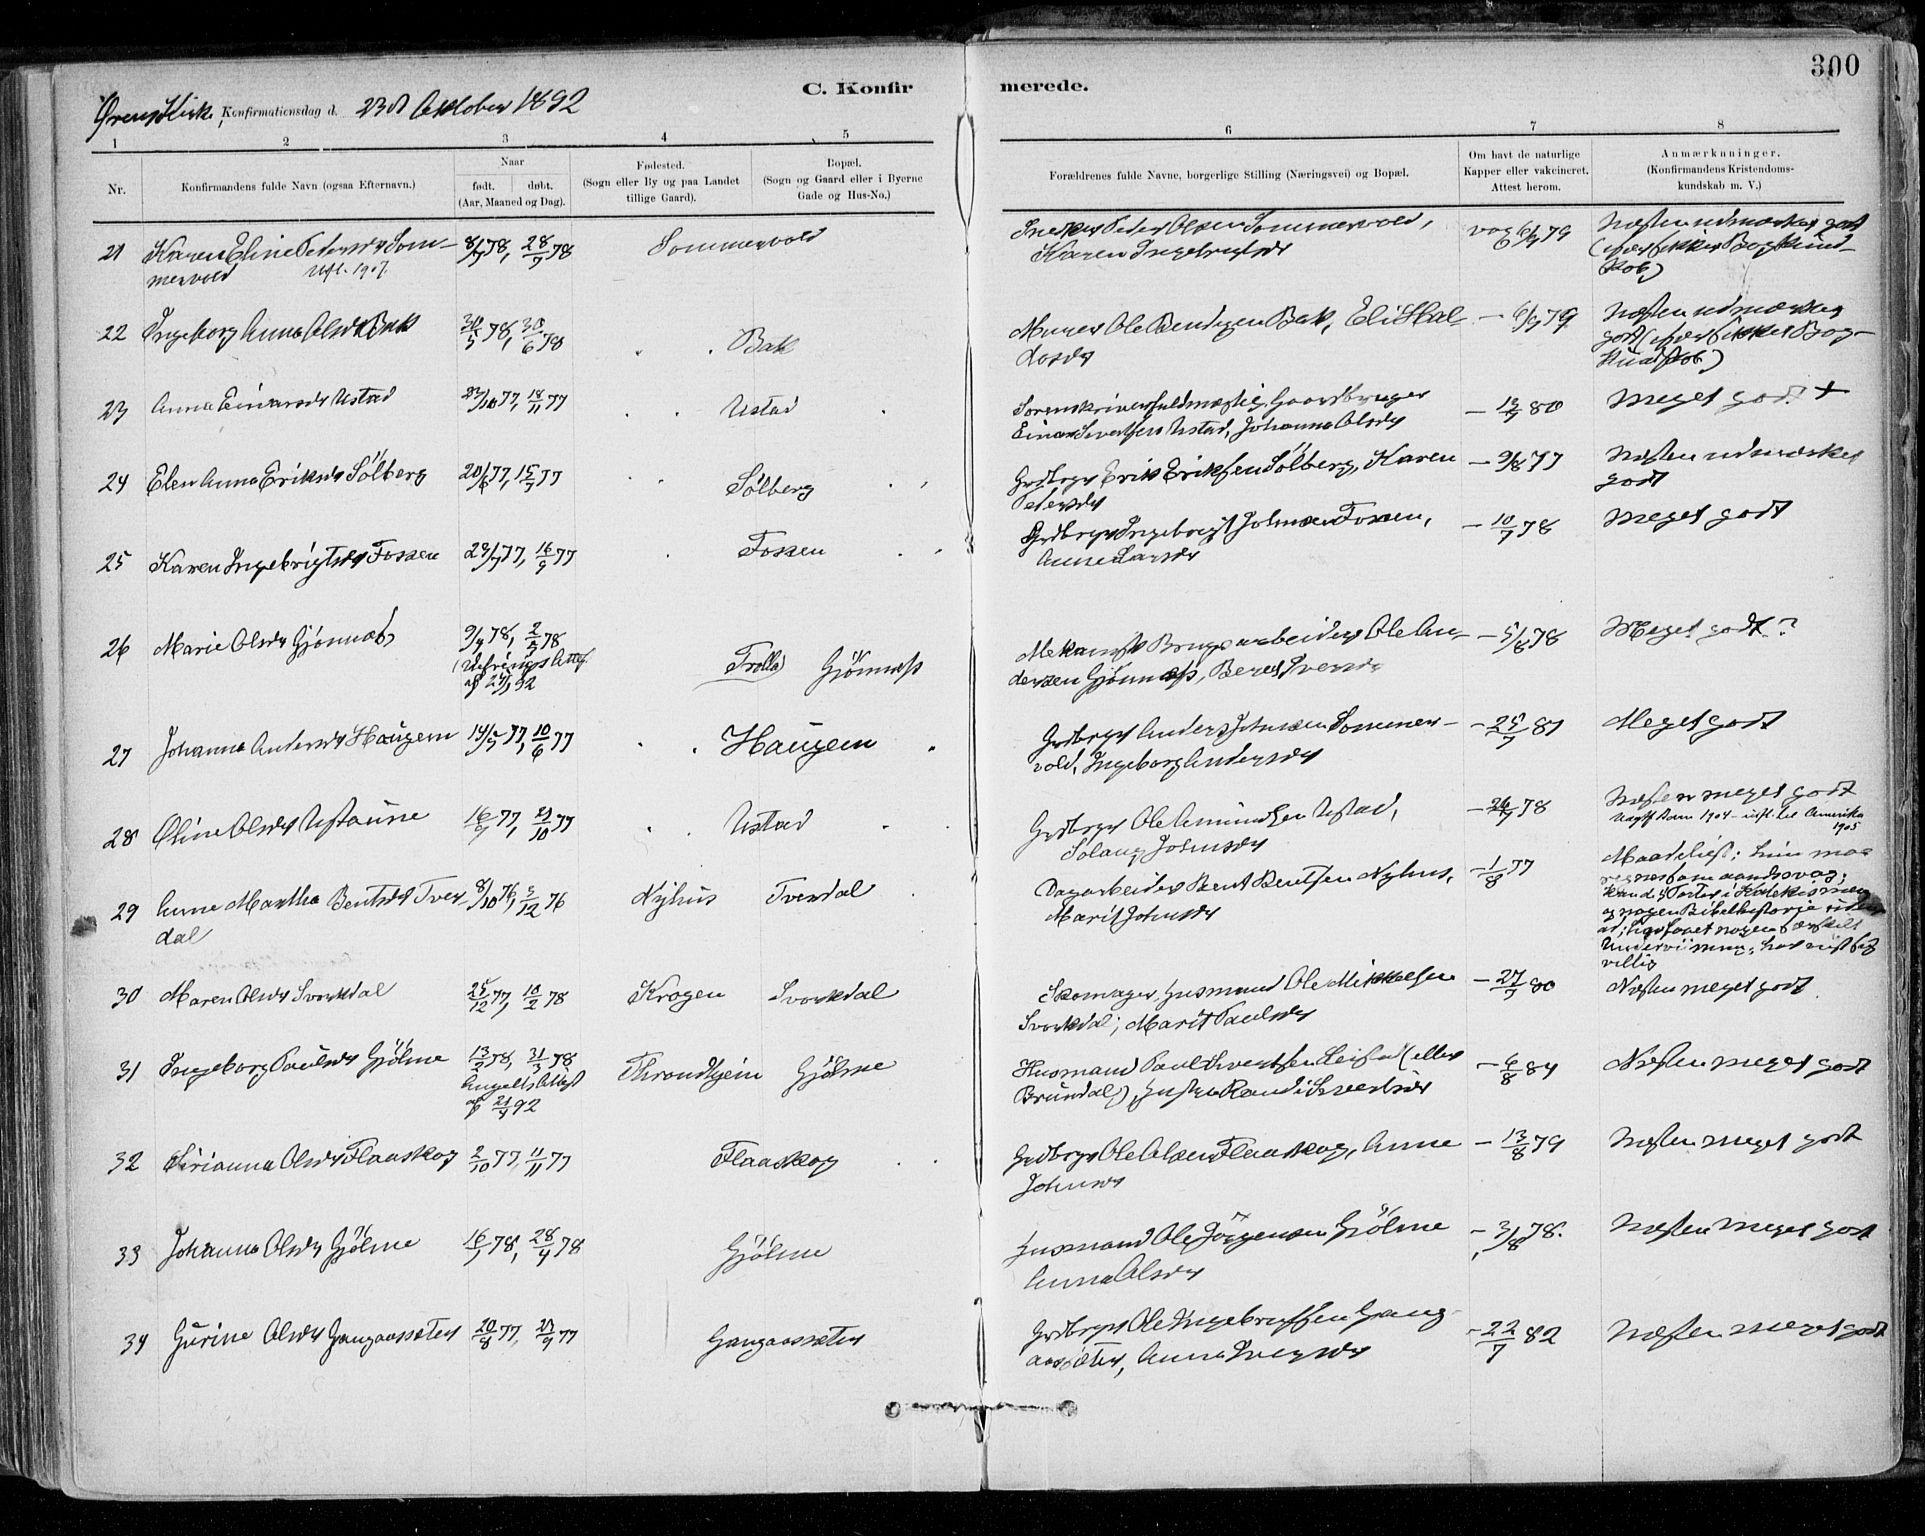 SAT, Ministerialprotokoller, klokkerbøker og fødselsregistre - Sør-Trøndelag, 668/L0809: Ministerialbok nr. 668A09, 1881-1895, s. 300